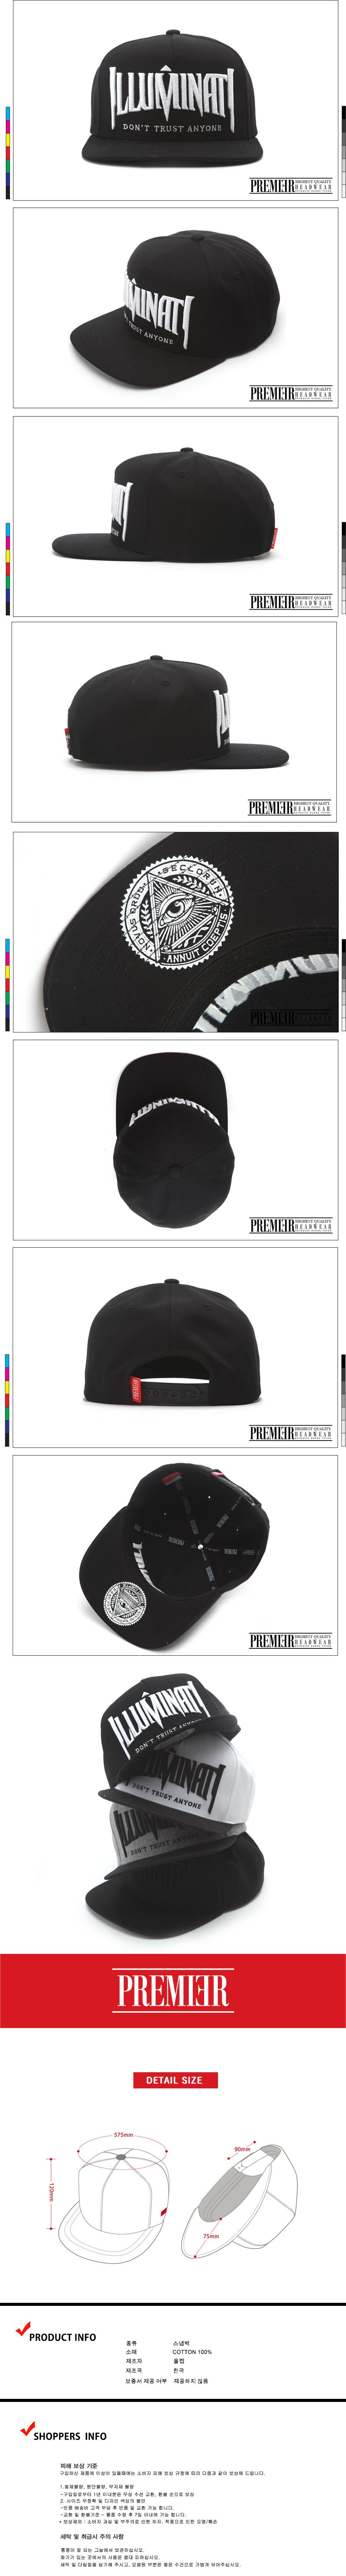 [ PREMIER ] [Premier] Snapback Illuminati Black/White